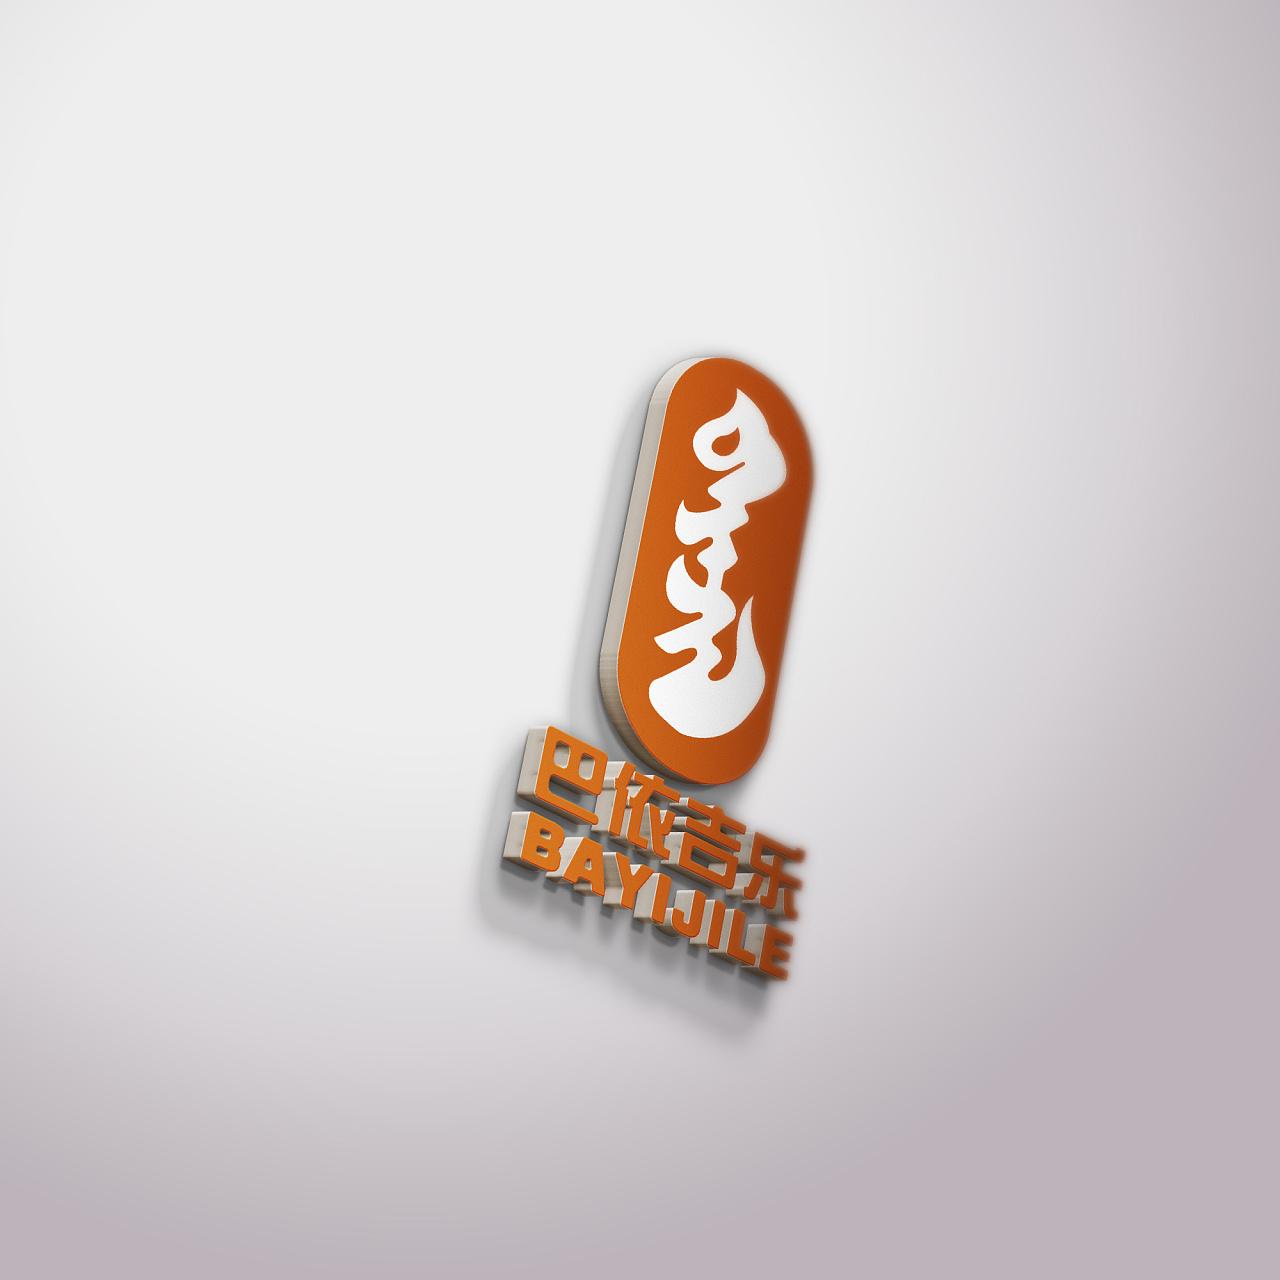 巴依吉乐,蒙古文字logo(阿斯玛设计) 第2张